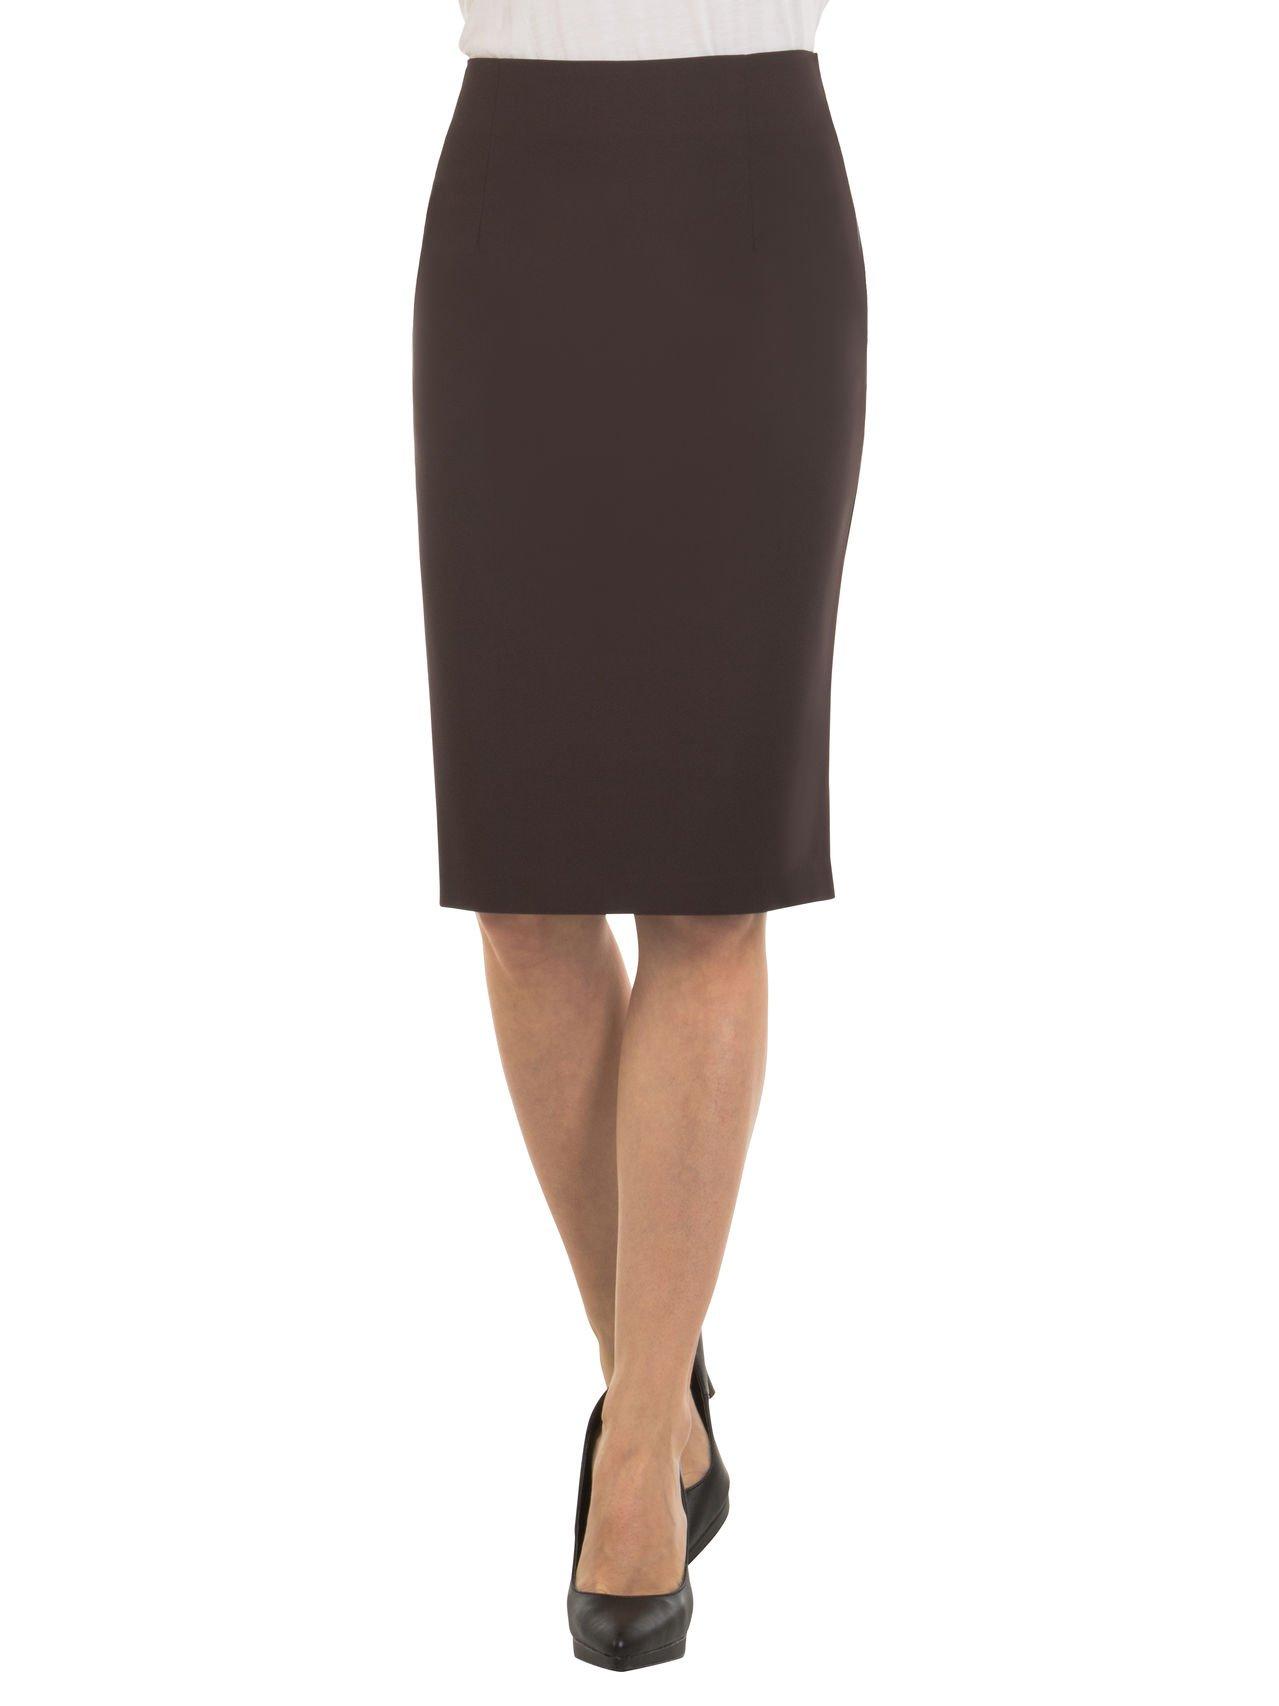 Velucci Womens High Waist Pencil Skirt - Knee High - Zipper - Back Slit, Brown-M